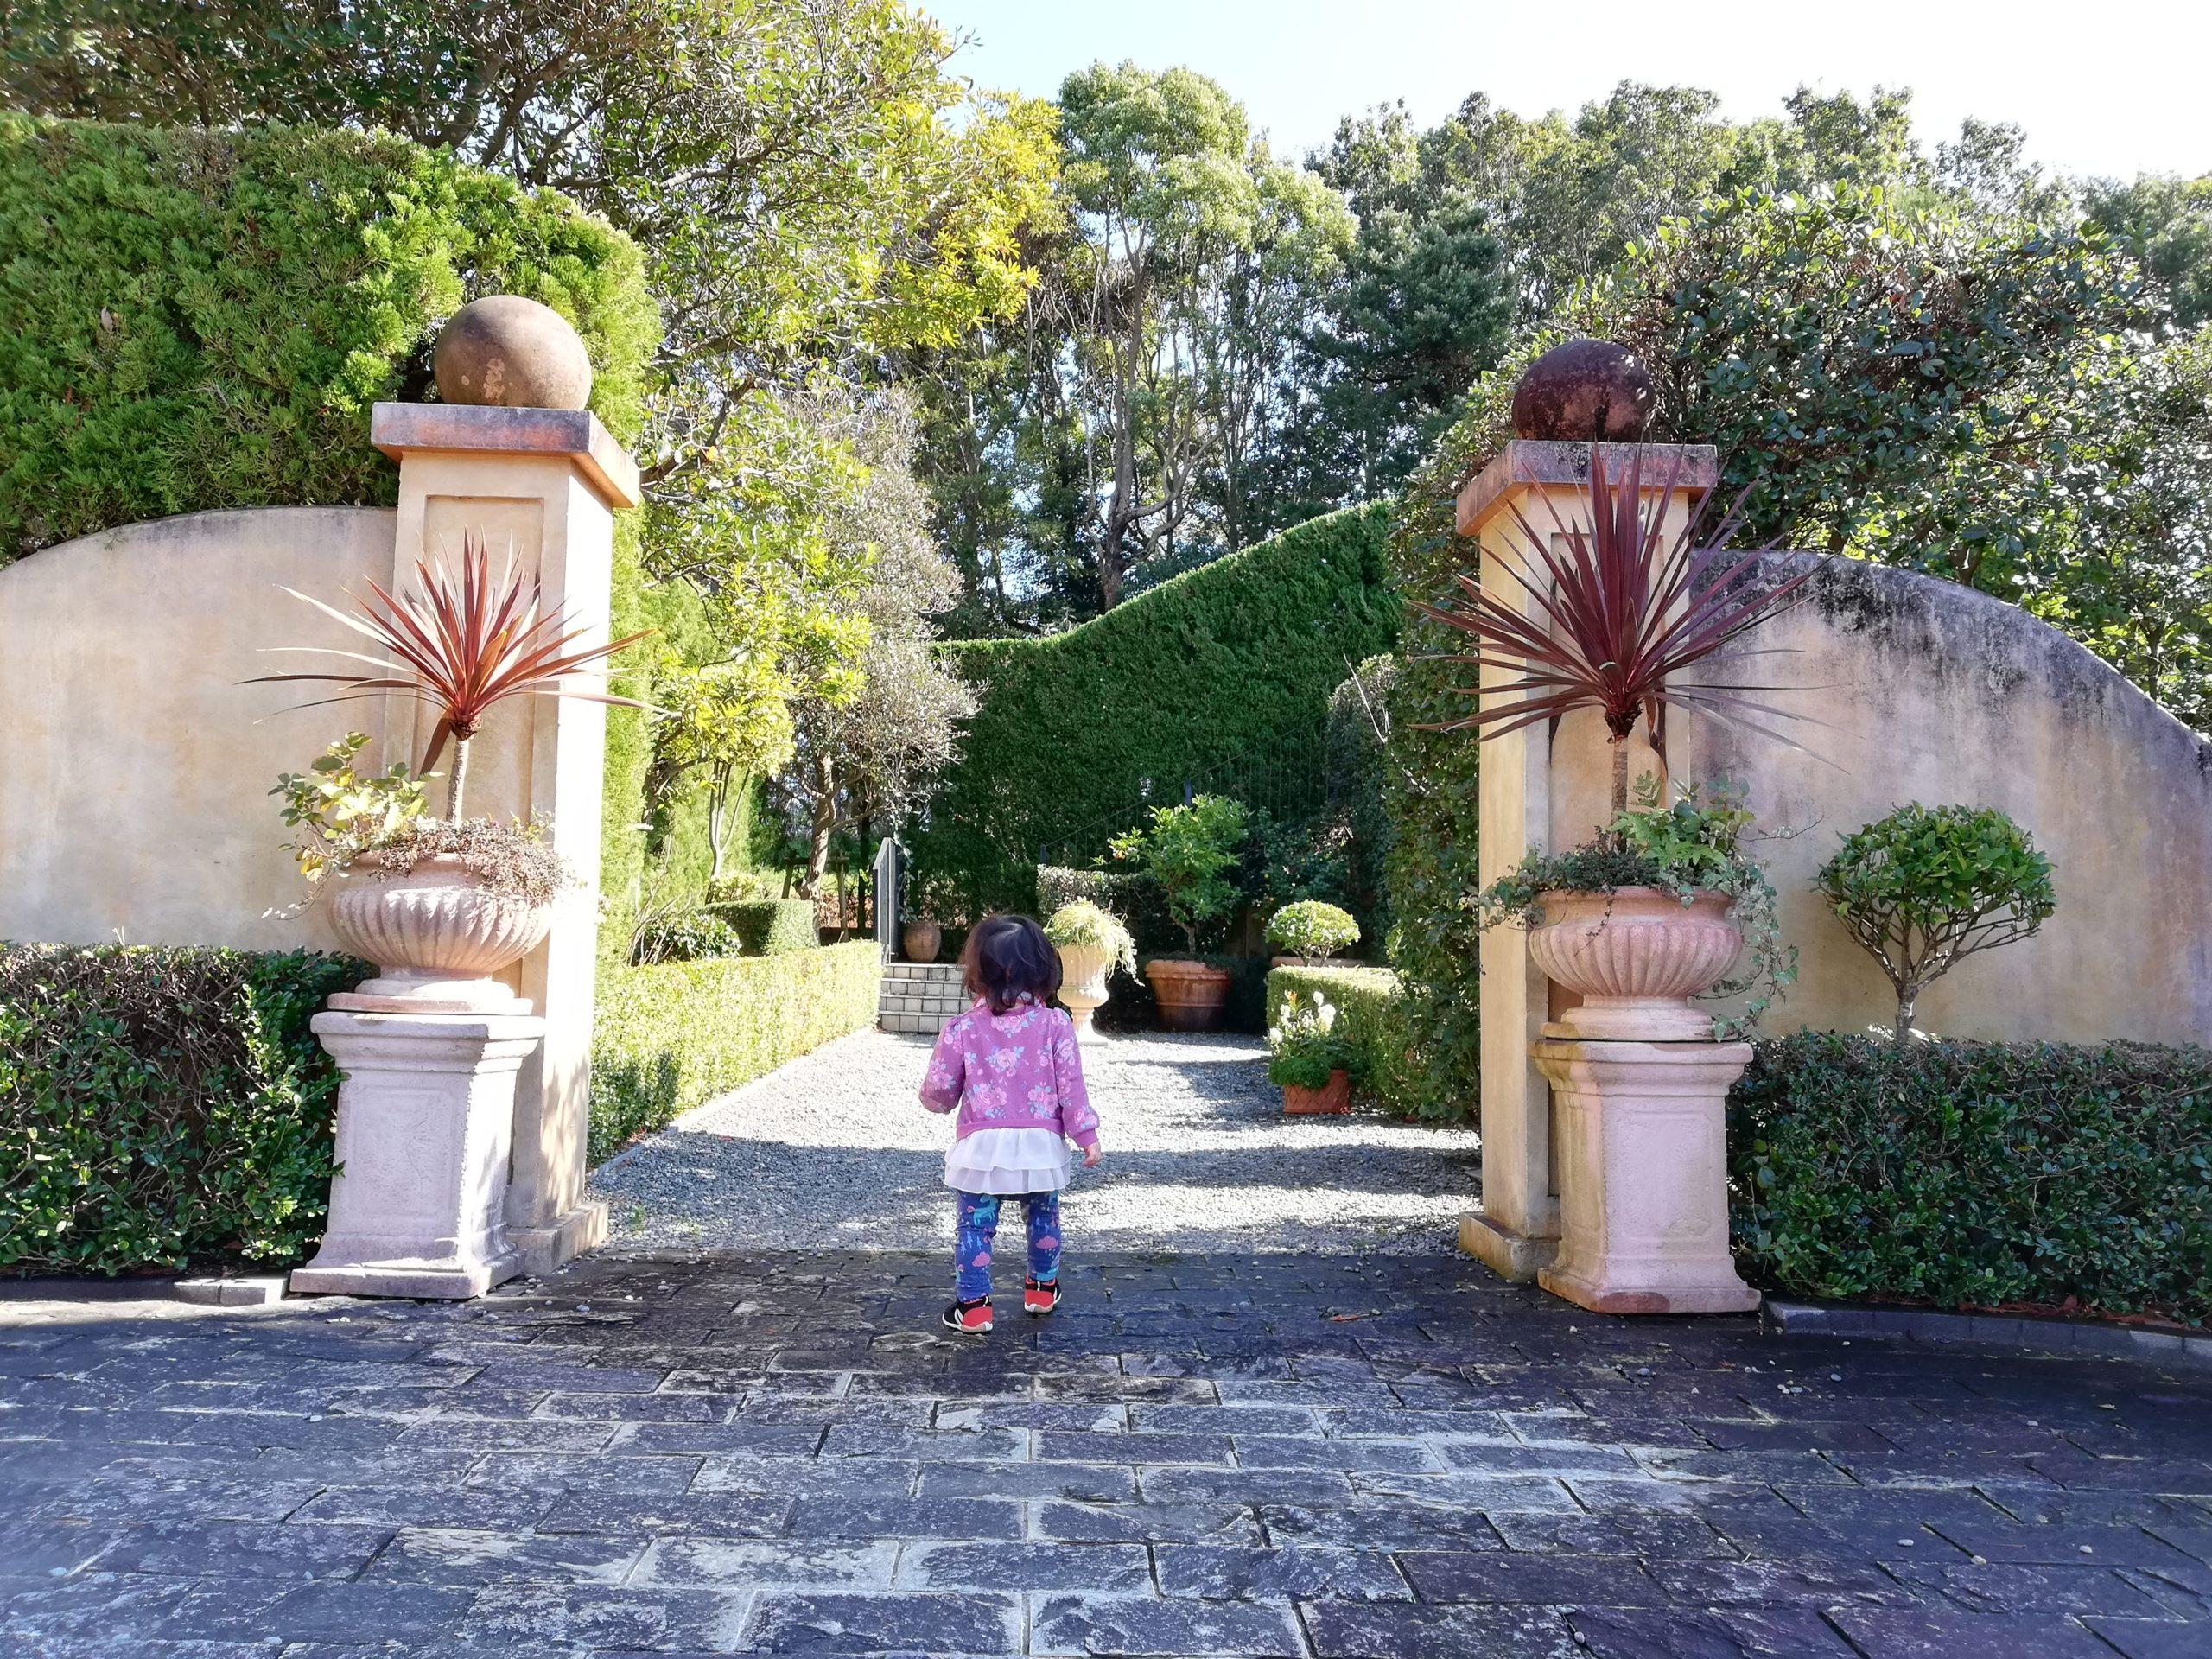 静岡県内でペットと遊ぶ 静岡県浜松市 浜名湖ガーデンパーク 国際庭園 イタリア